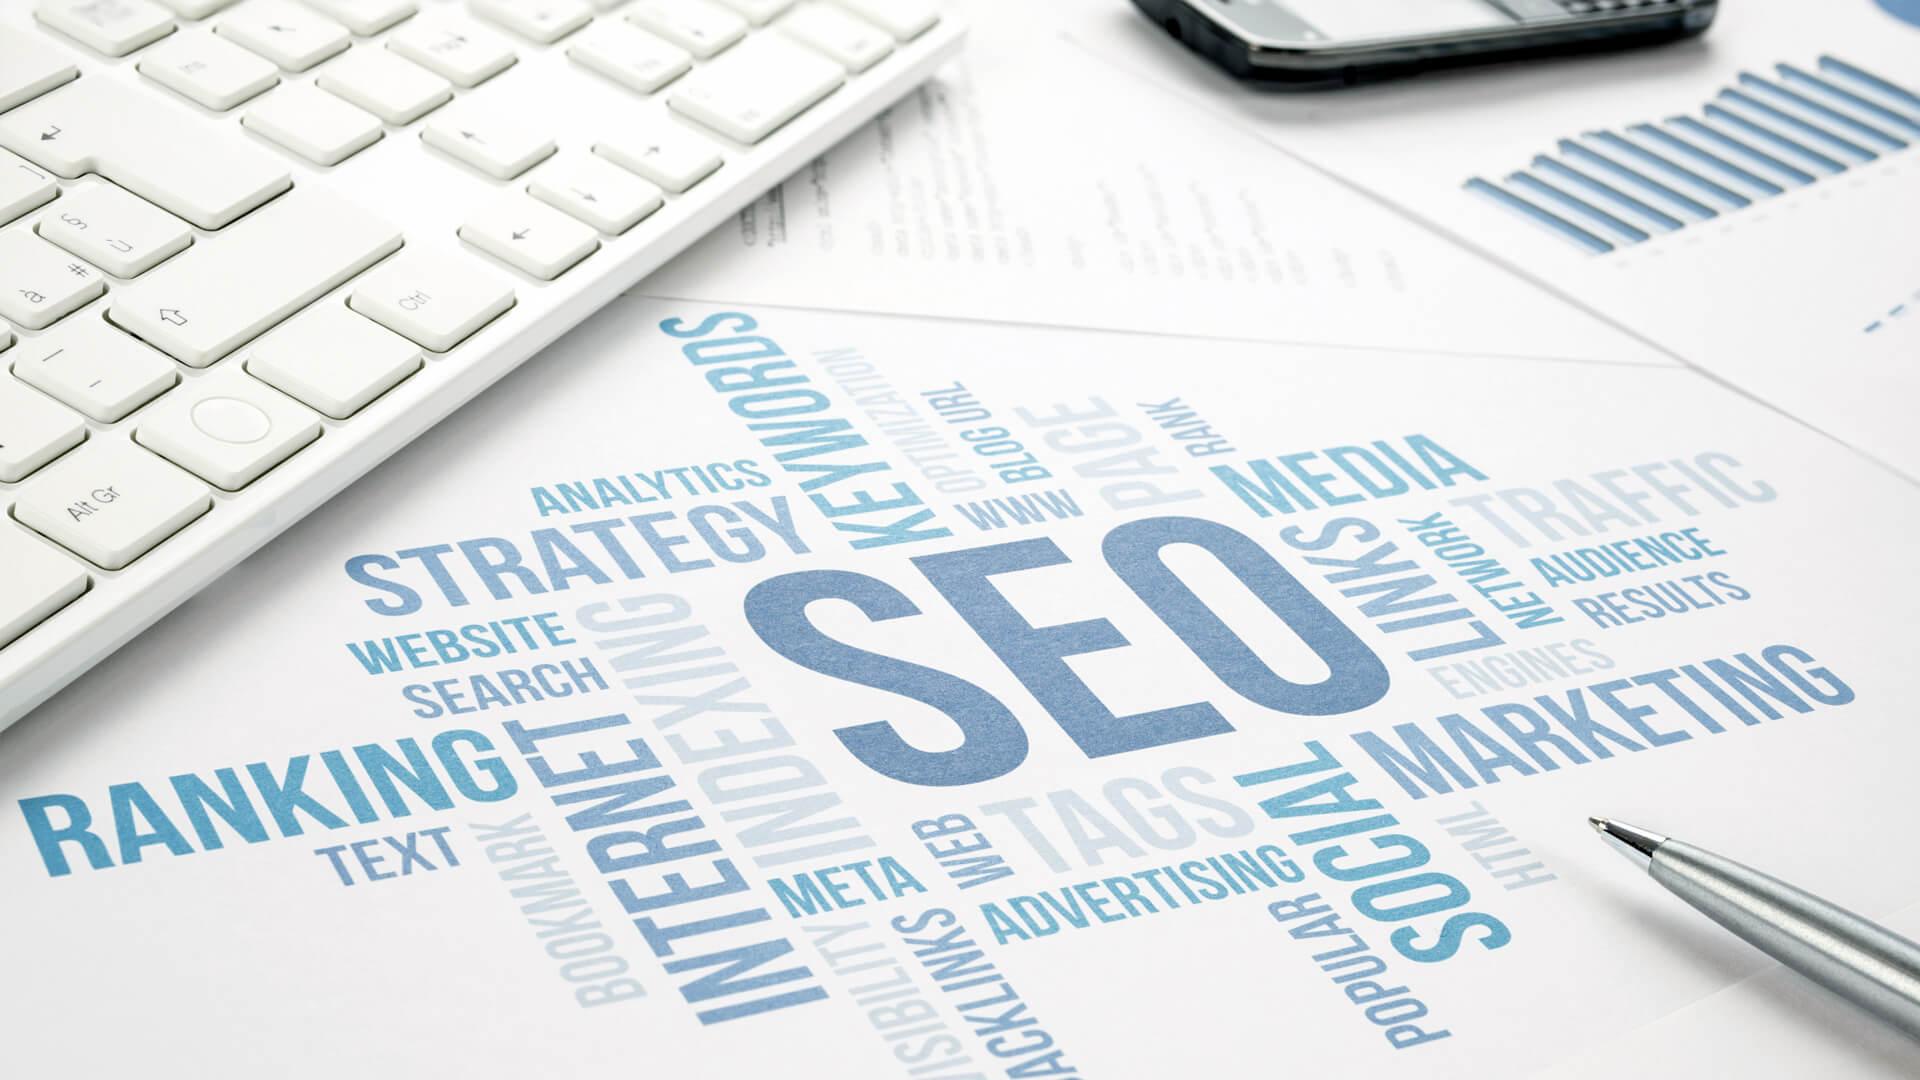 Продвижение и раскрутка сайтов в поисковых системах